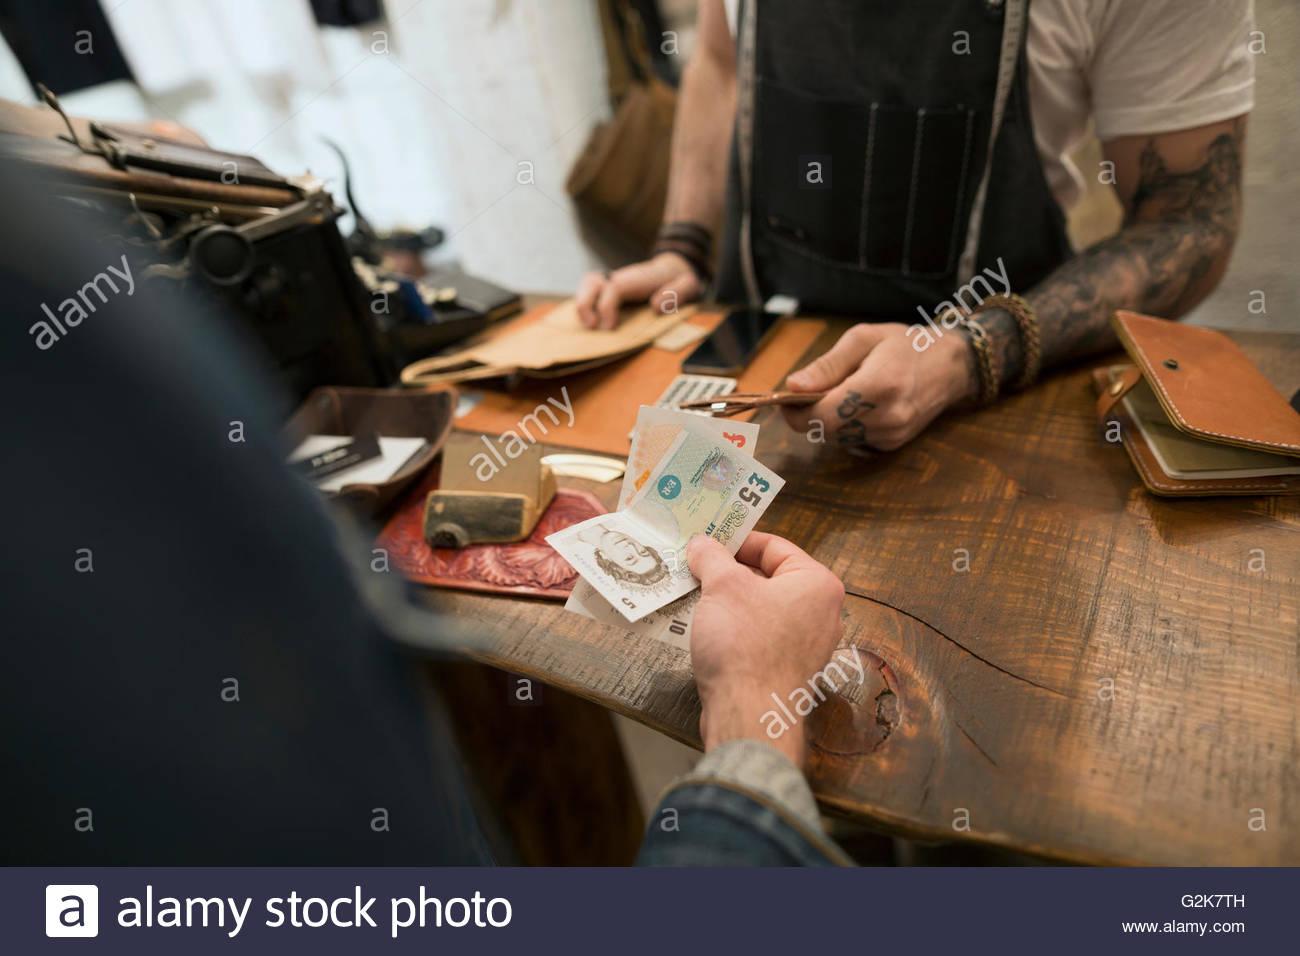 Kunden zahlen mit britischen Pfund in Leder-shop Stockbild